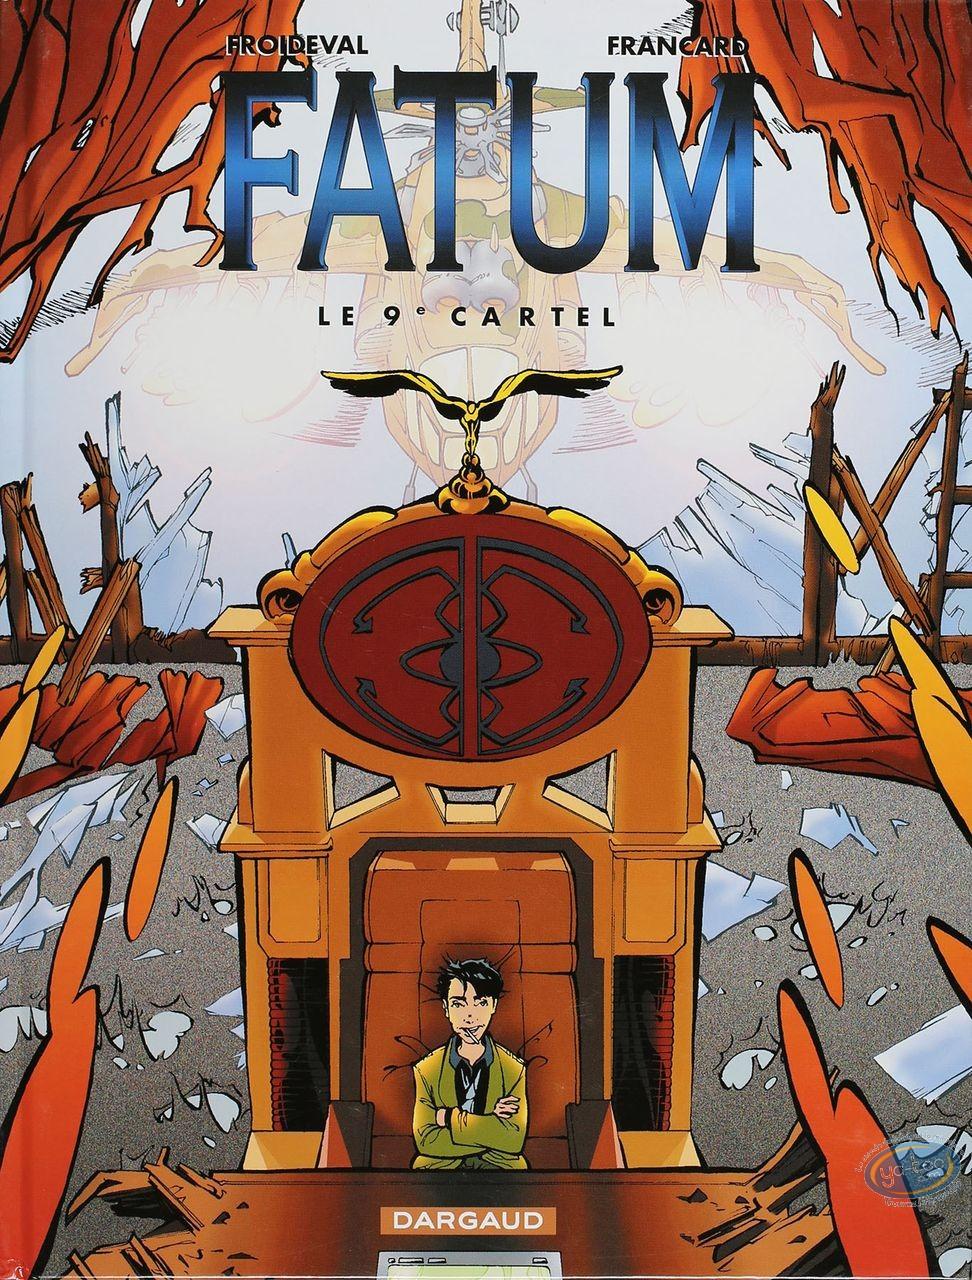 Listed European Comic Books, Fatum : Le 9eme Cartel (good condition)